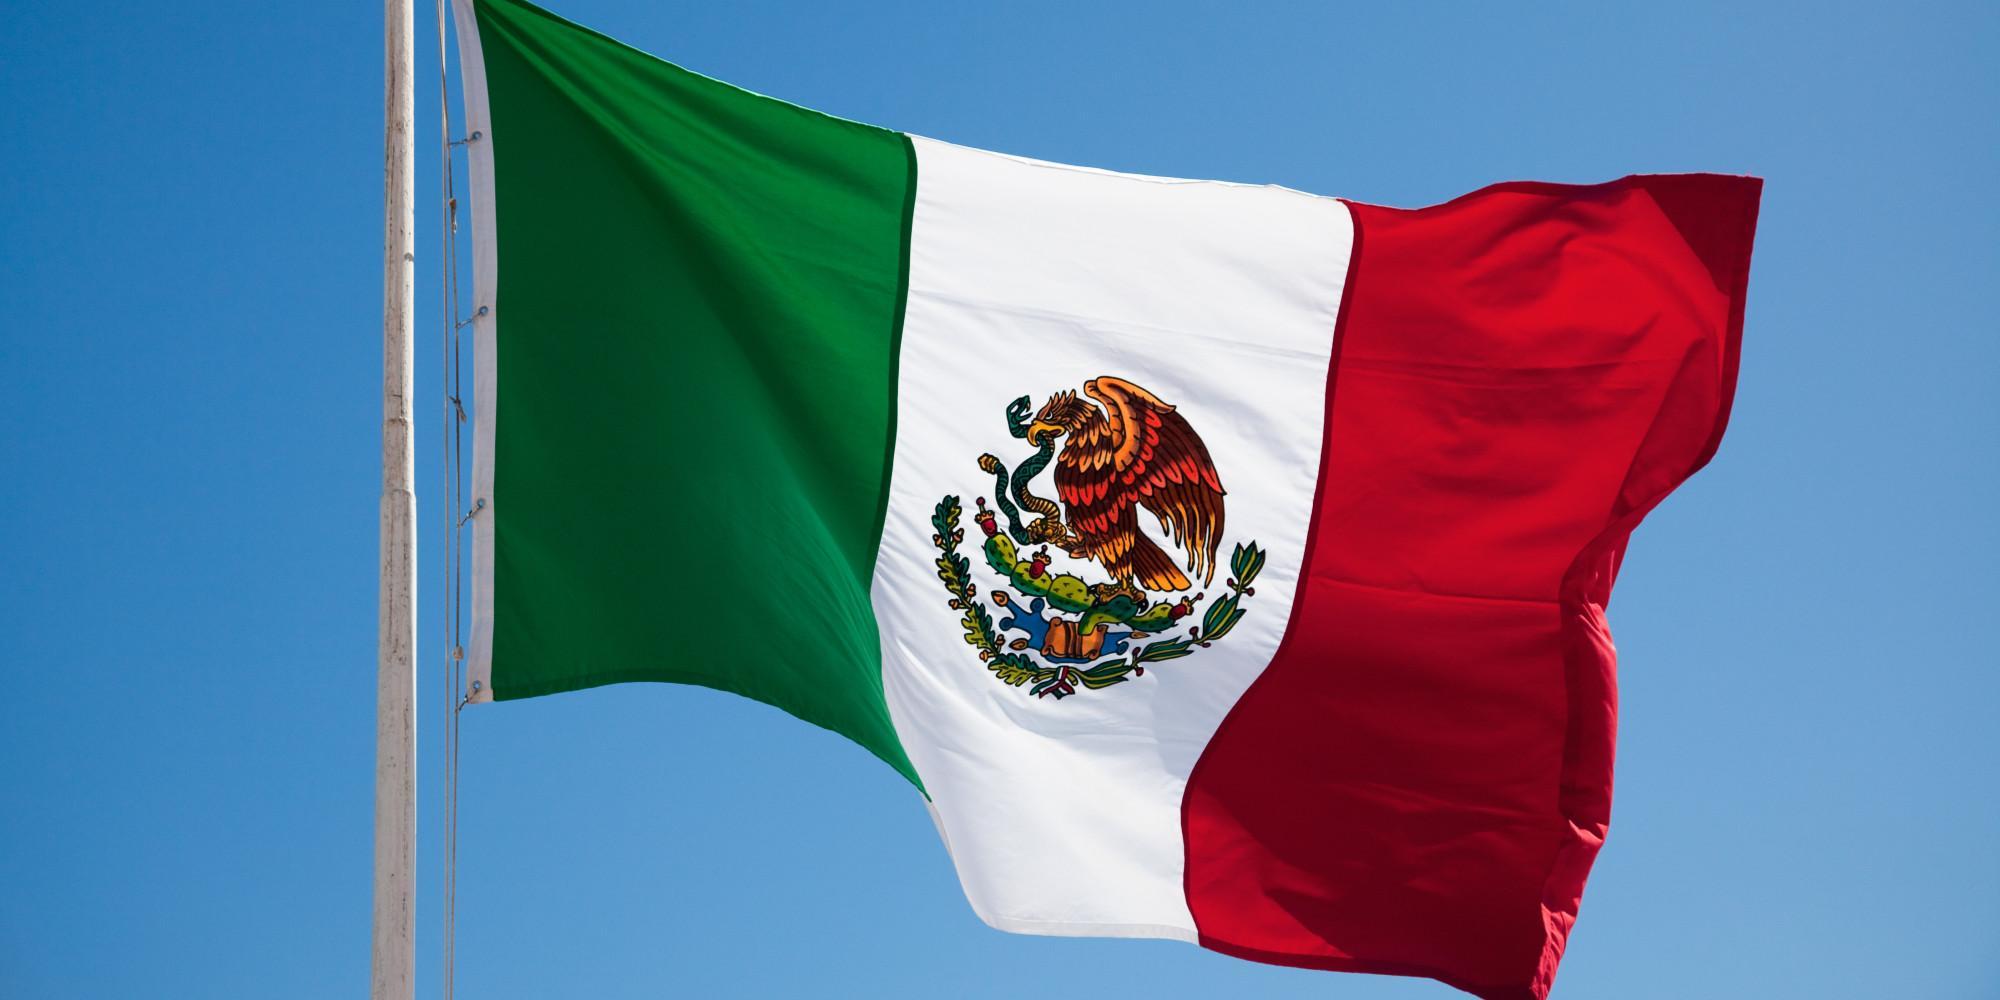 Мексика выражает признательность Азербайджану за поддержку и солидарность в трудные дни